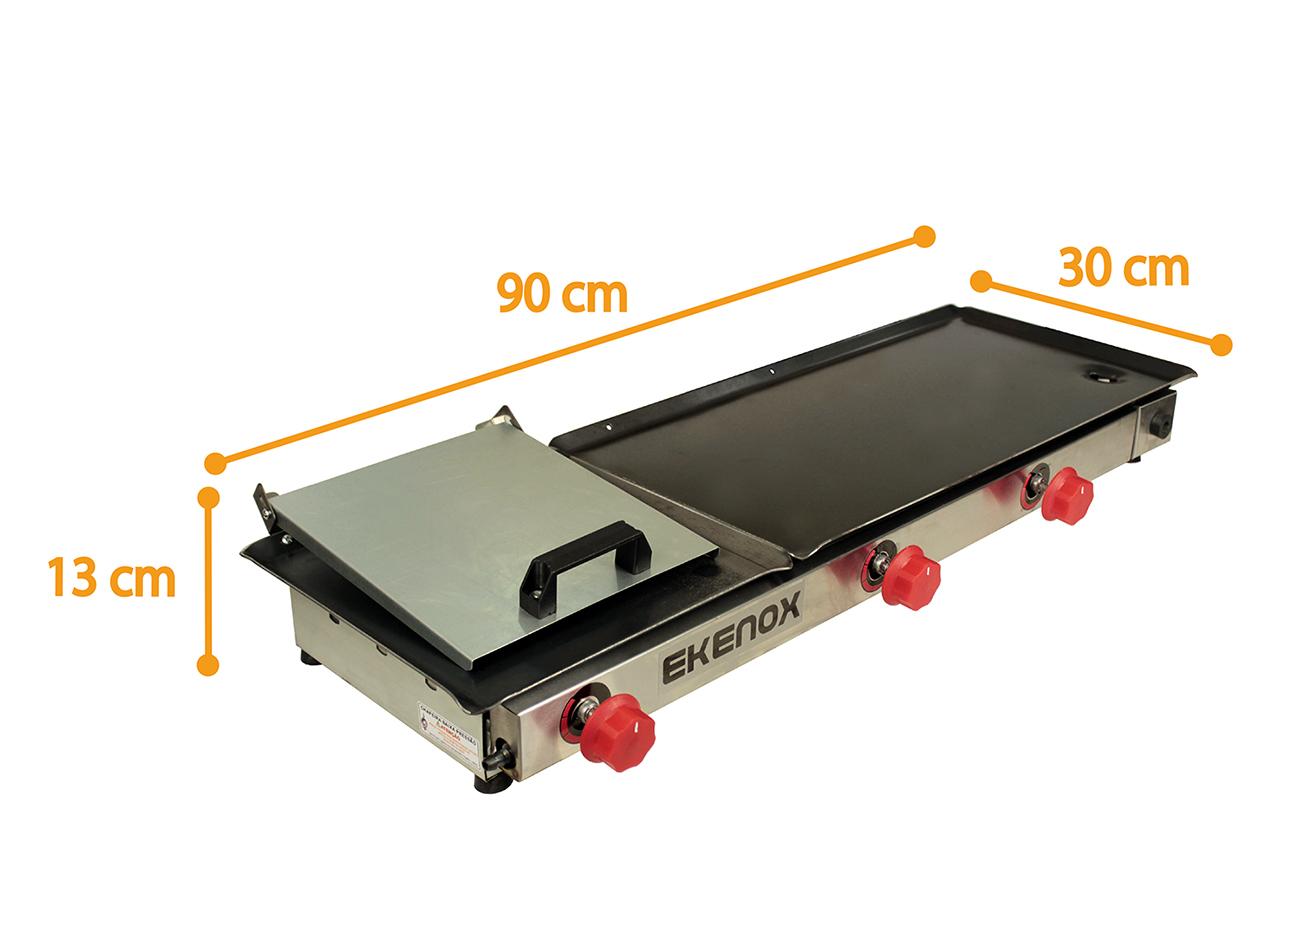 CHAPA P/ LANCHE 90x30CM 3Q C/ PRENSA CHEFE ROJO  - EKENOX- Equipamentos Industriais